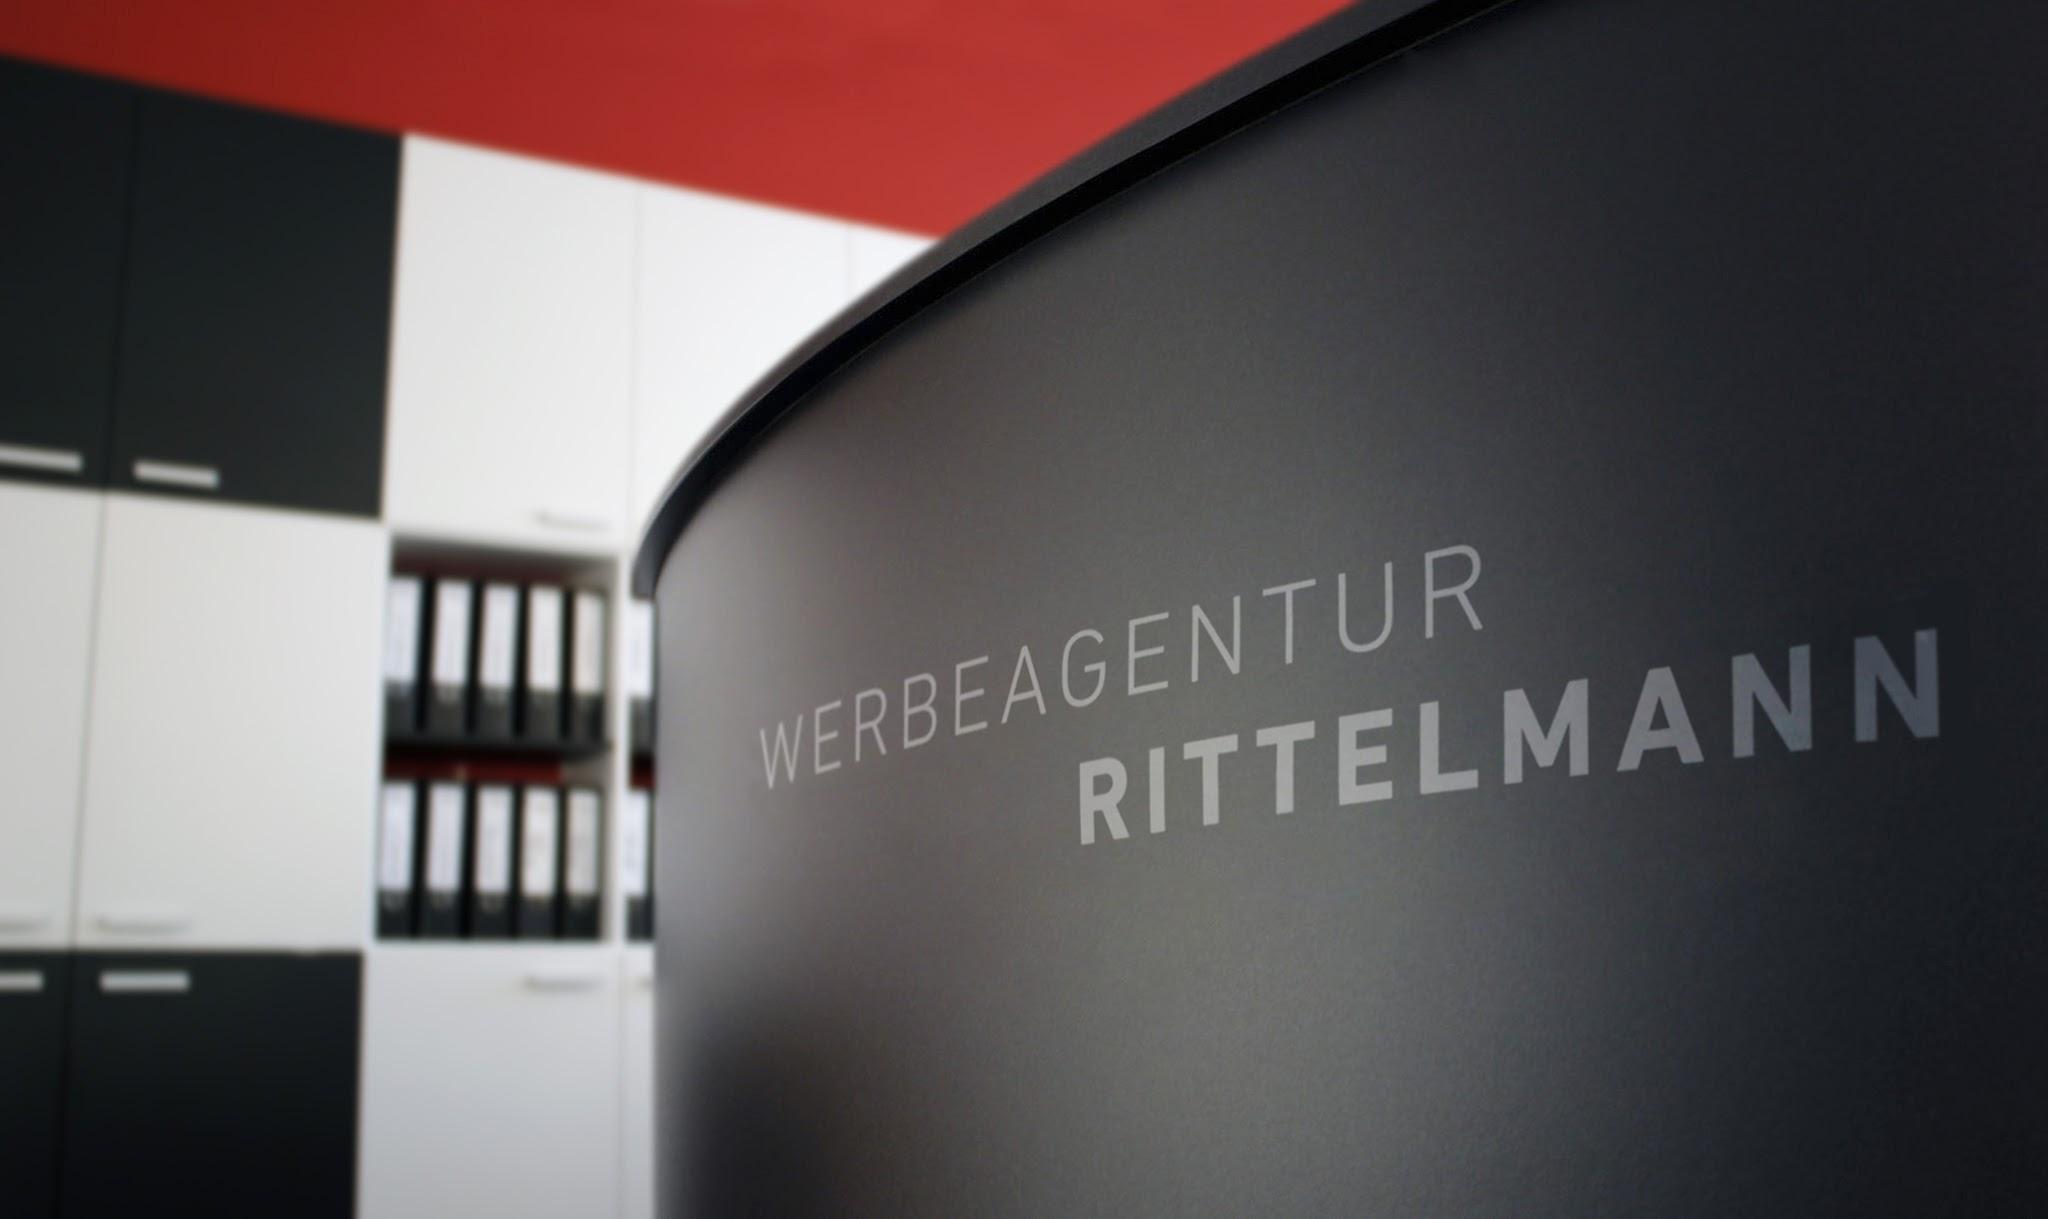 Werbeagentur Rittelmann GmbH